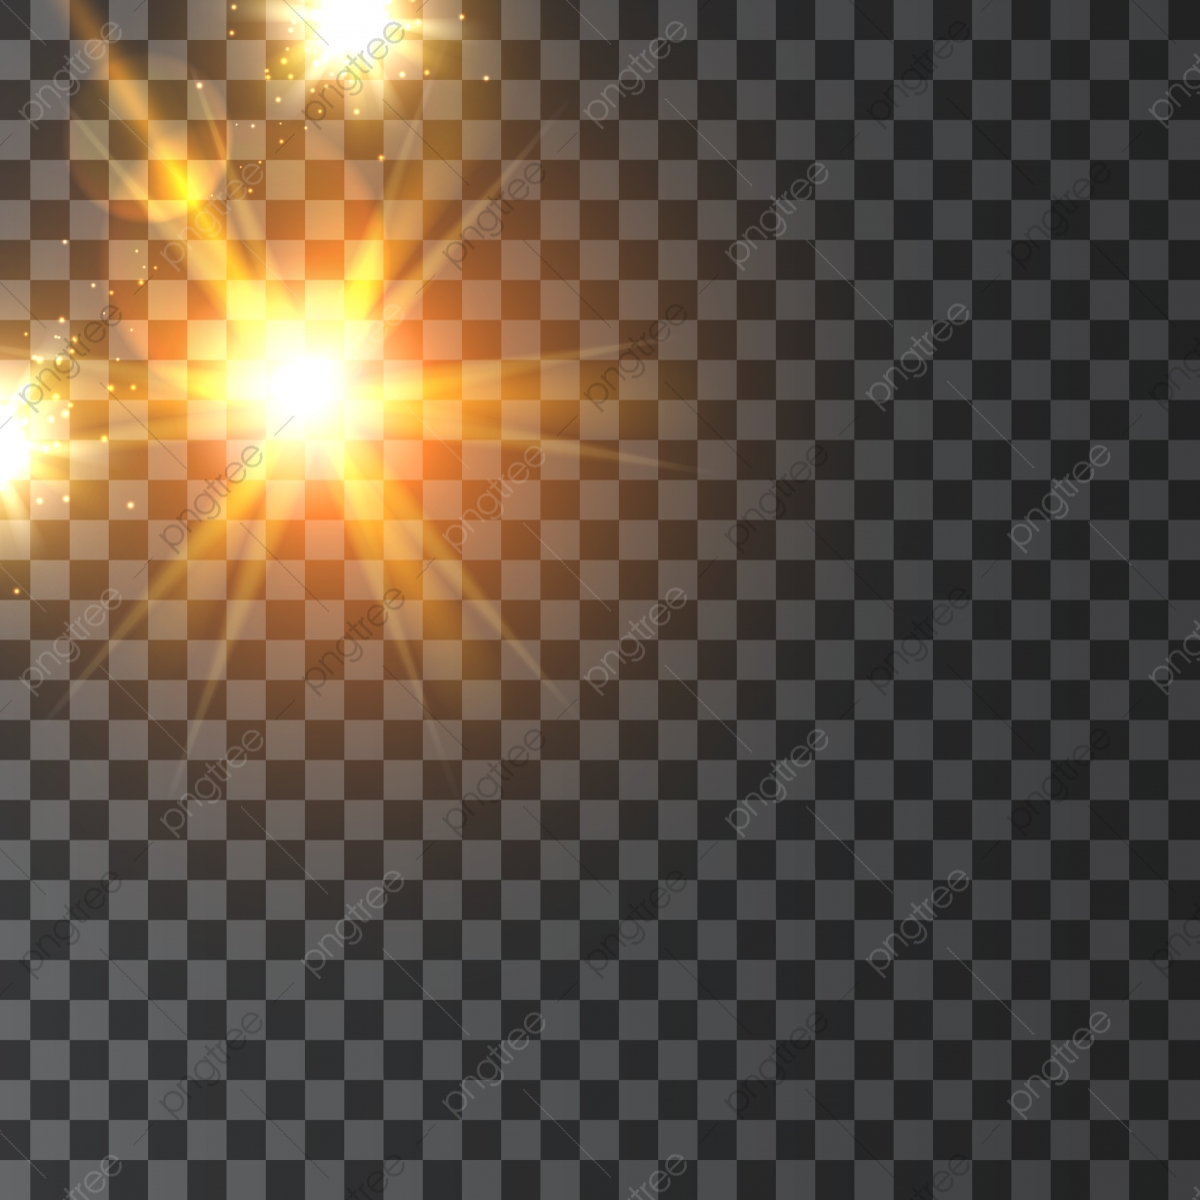 أشعة الشمس المتلألئة خلفية شفافة ضوء أشعة المتجه Png والمتجهات